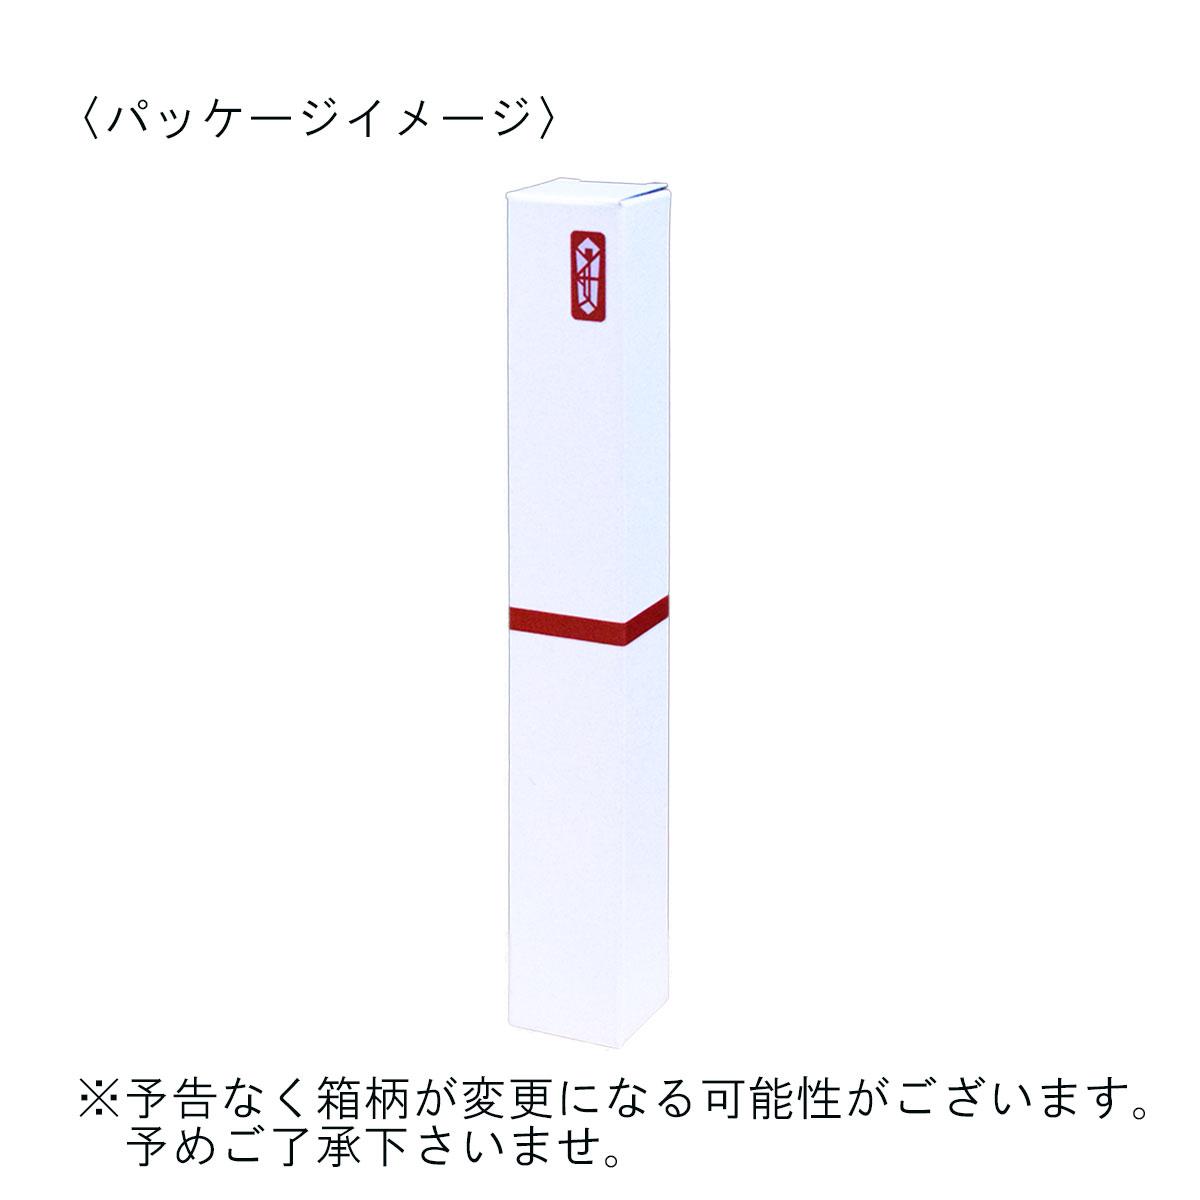 三菱鉛筆 ユニボール アールイー3 3色ボールペン 名入れ用 0.5mm URE3-500-05